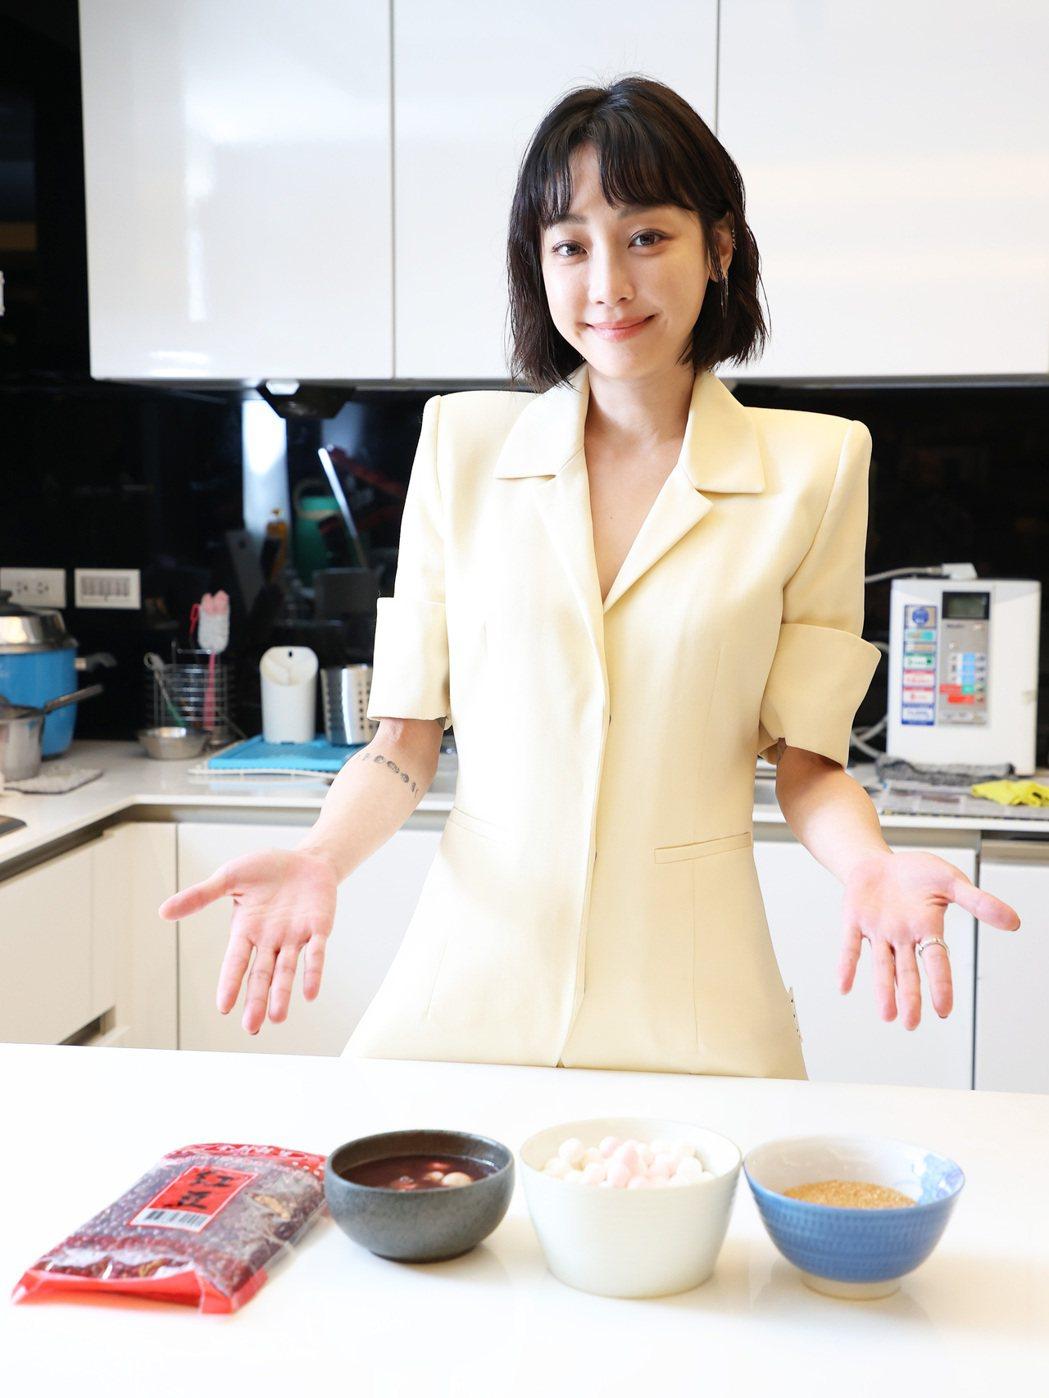 謝欣穎對自己的廚藝謙稱只能煮給自己吃。記者潘俊宏/攝影